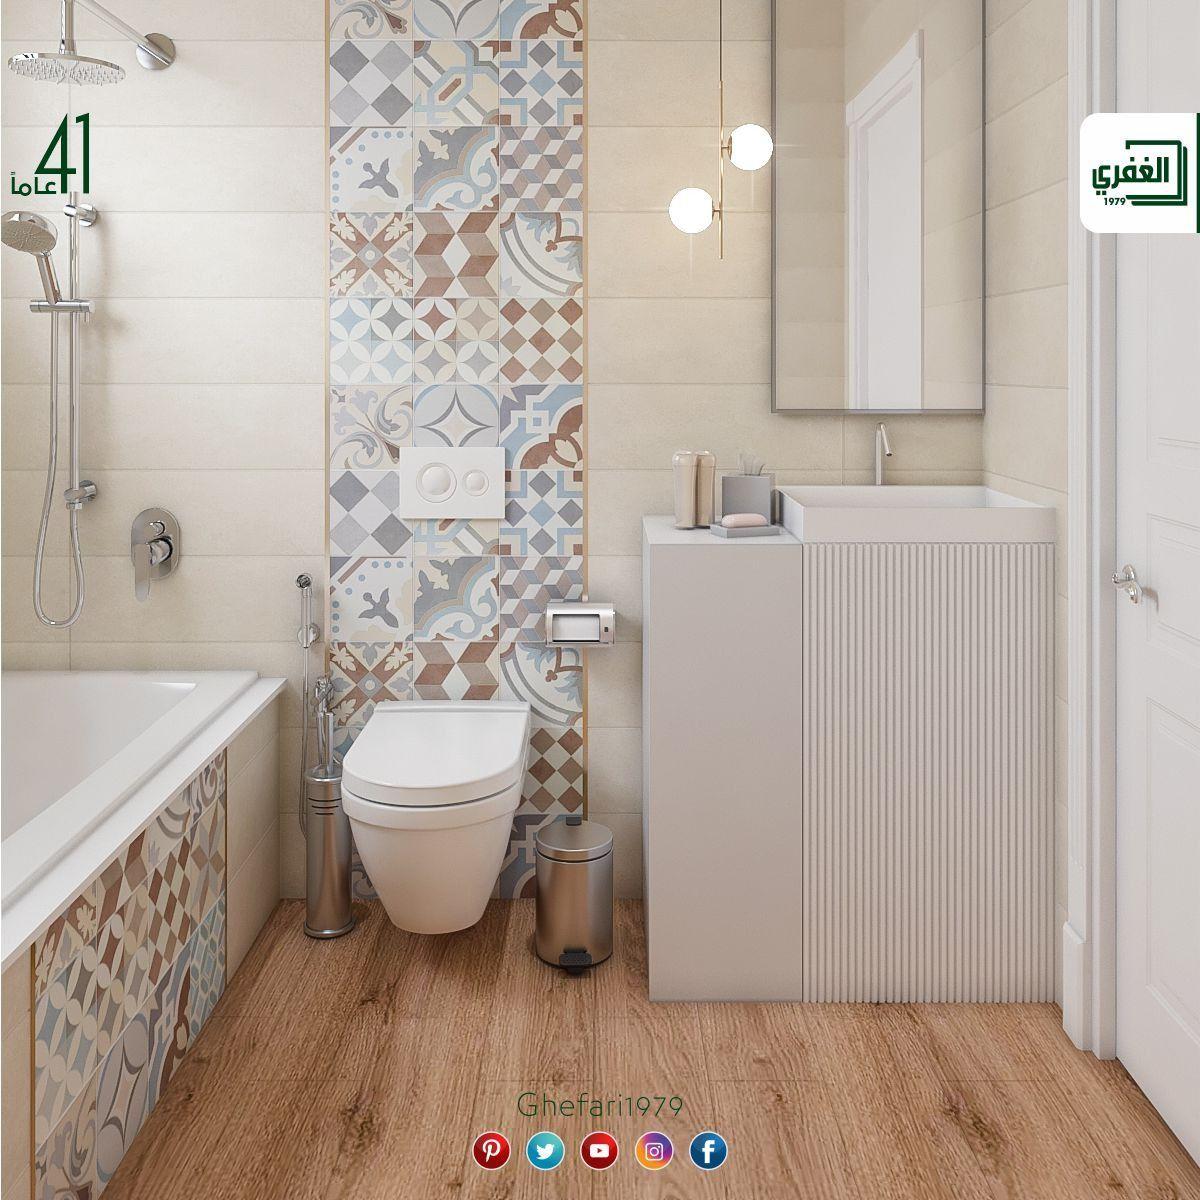 بورسلان أسباني ديكور اندلسي للاستخدام داخل الحمامات المطابخ اماكن اخرى للمزيد زورونا على موقع الشركة Https Www Ghefari Com Ar Tivol Bathtub Tivoli Alcove